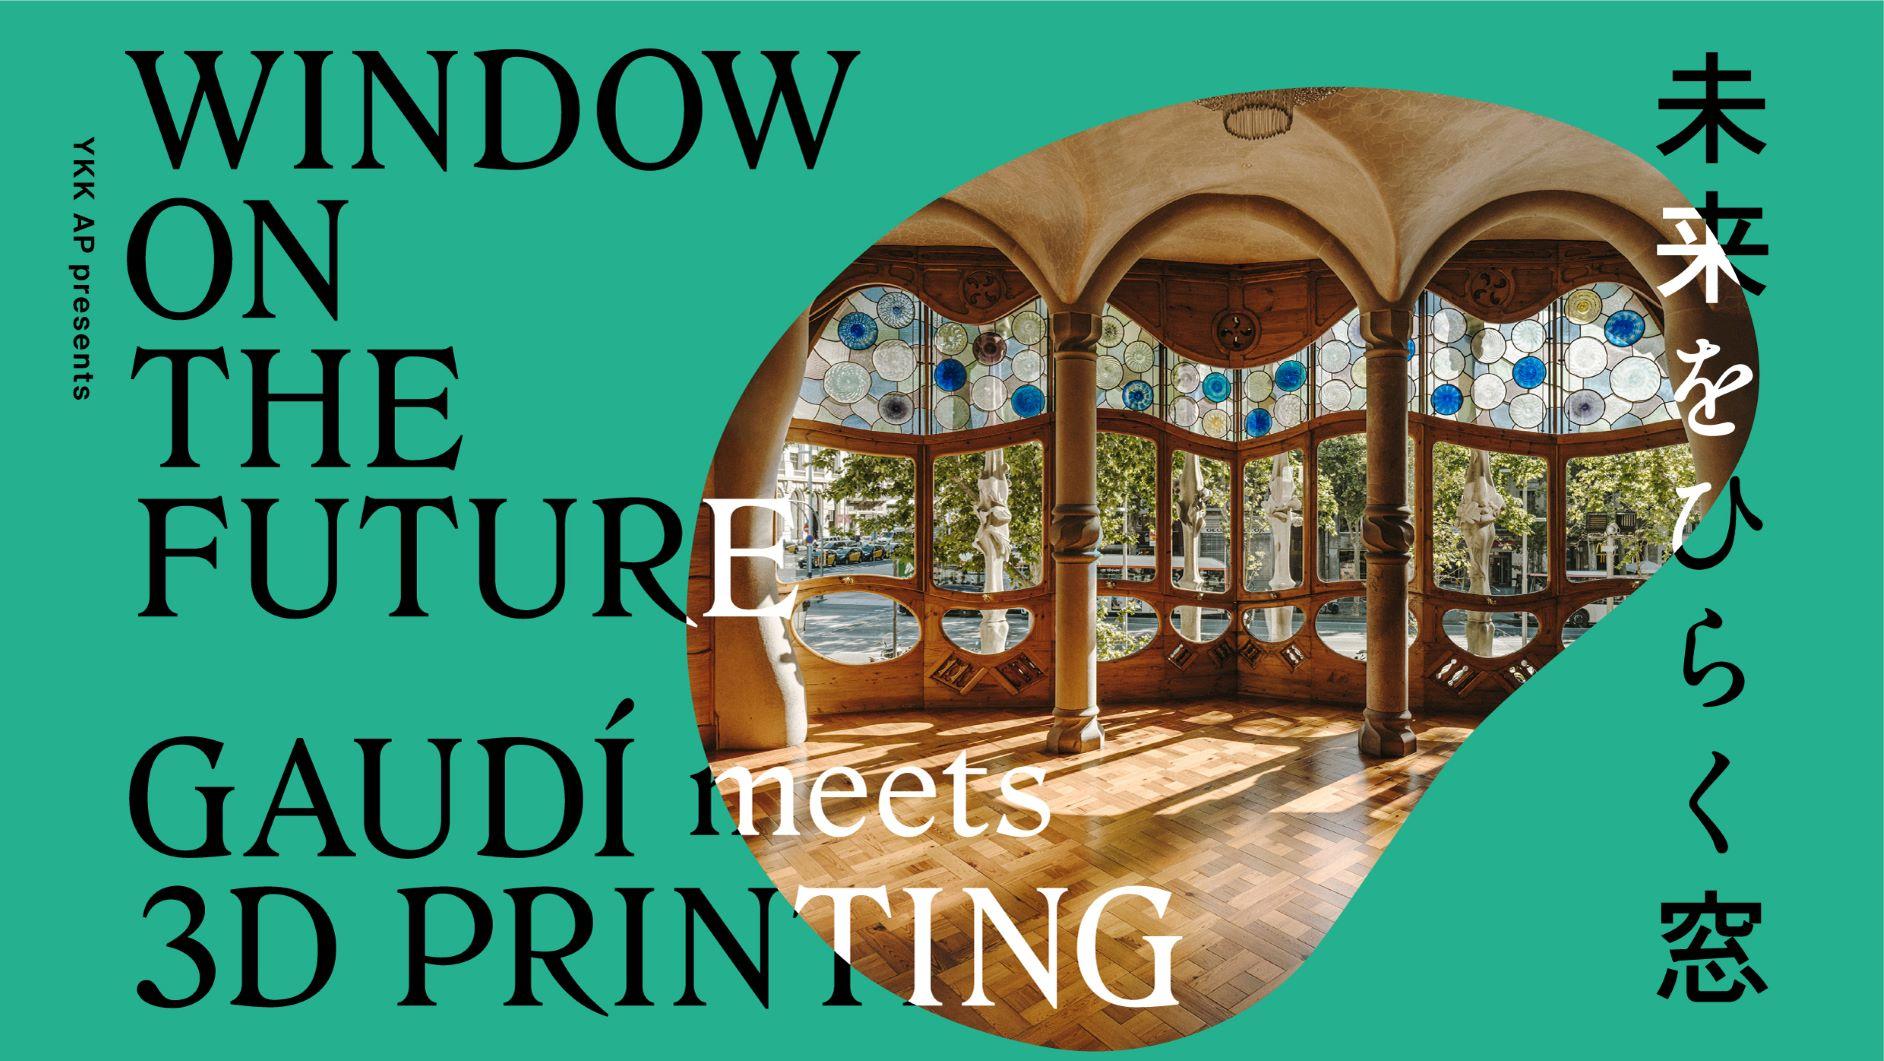 ガウディの窓から着想 クリエイターらと「未来をひらく窓」